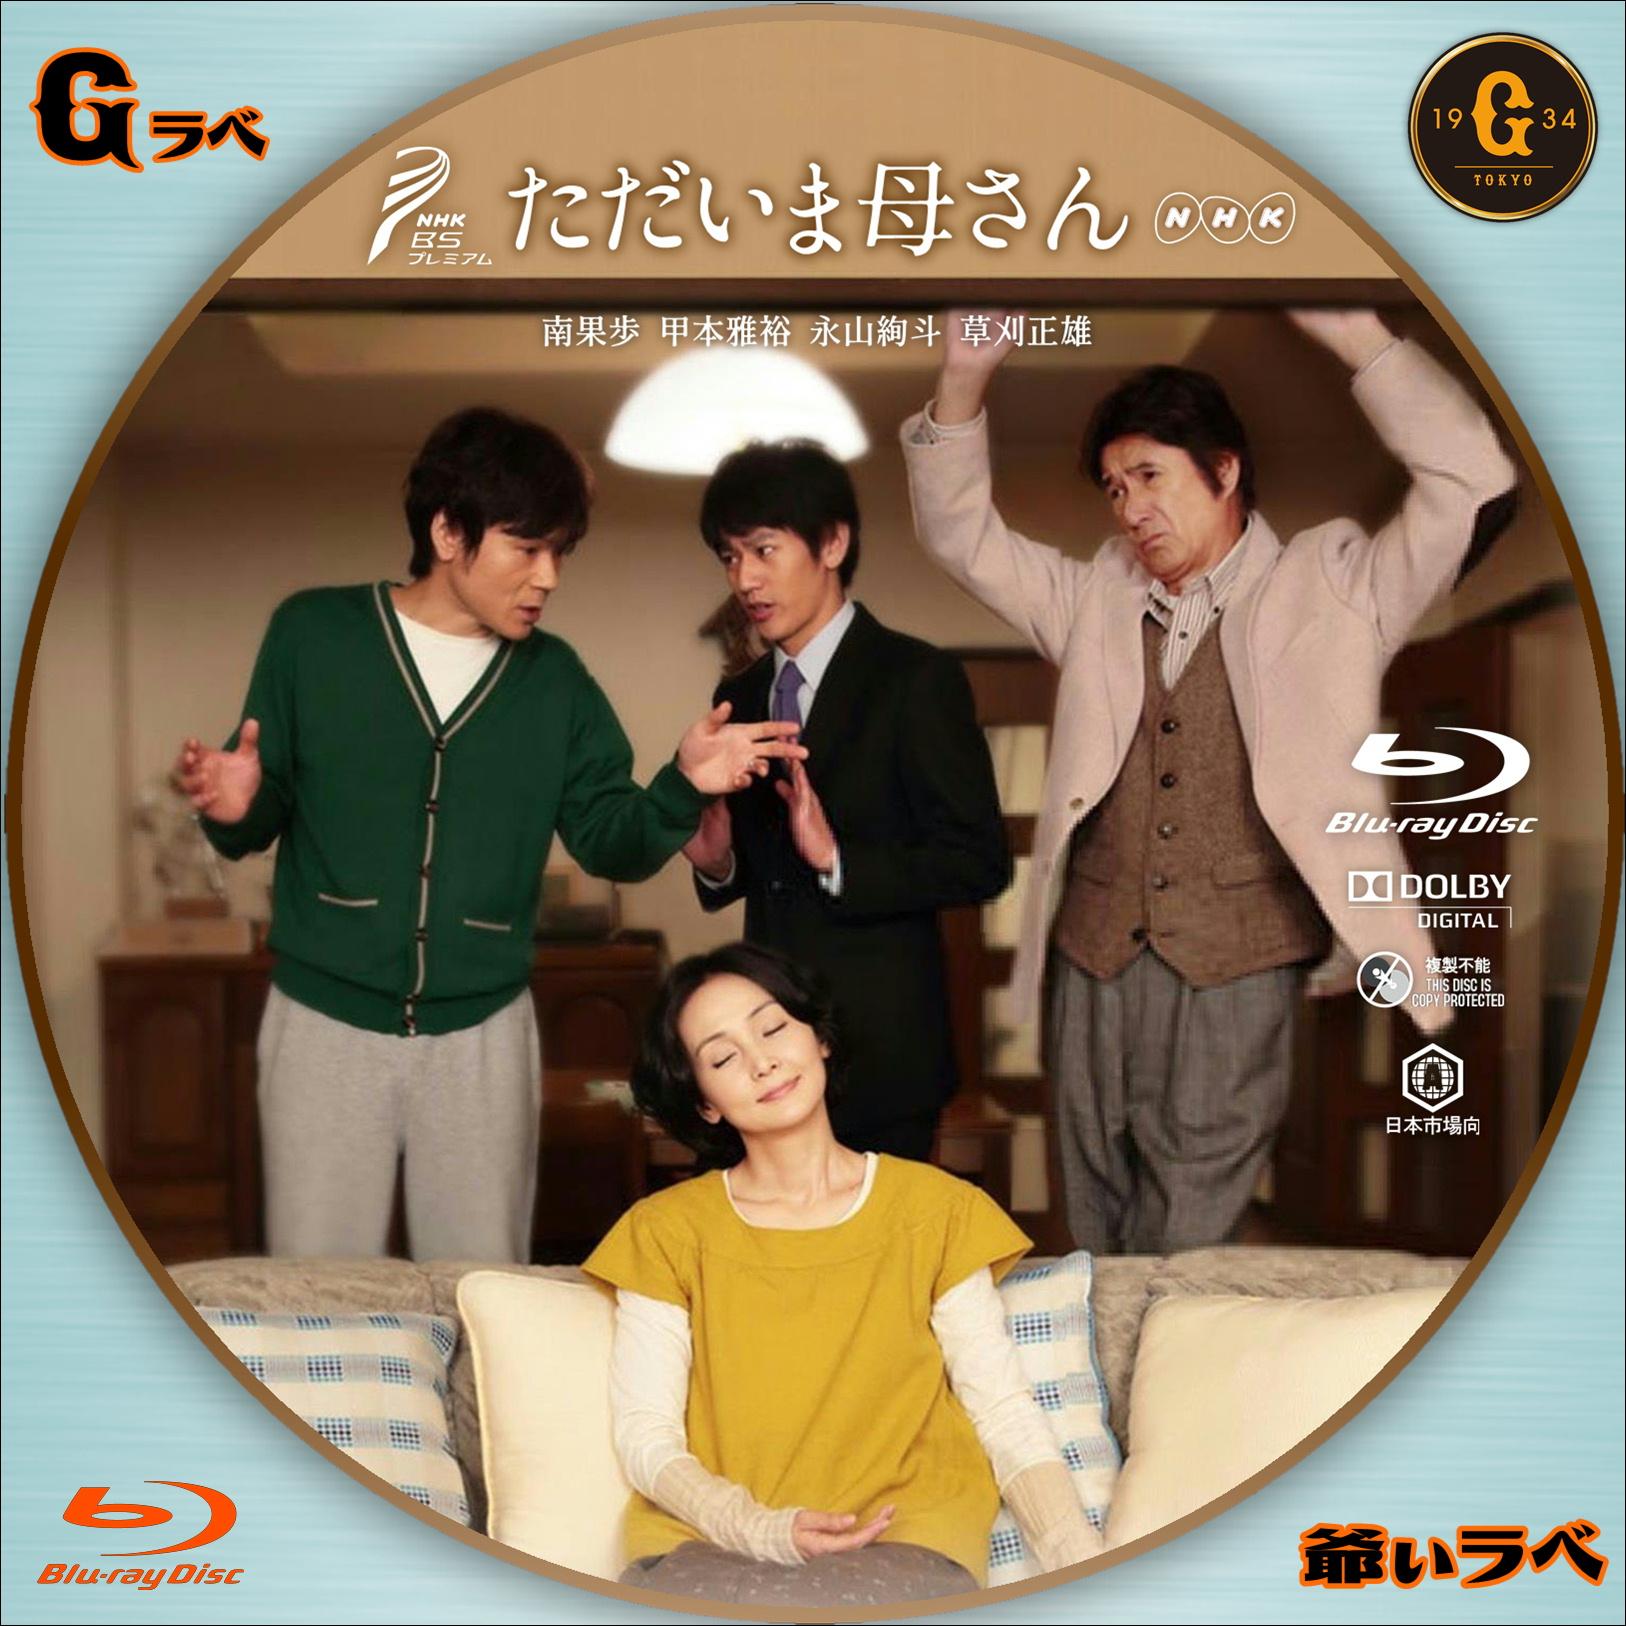 ただいま母さん(Blu-ray)